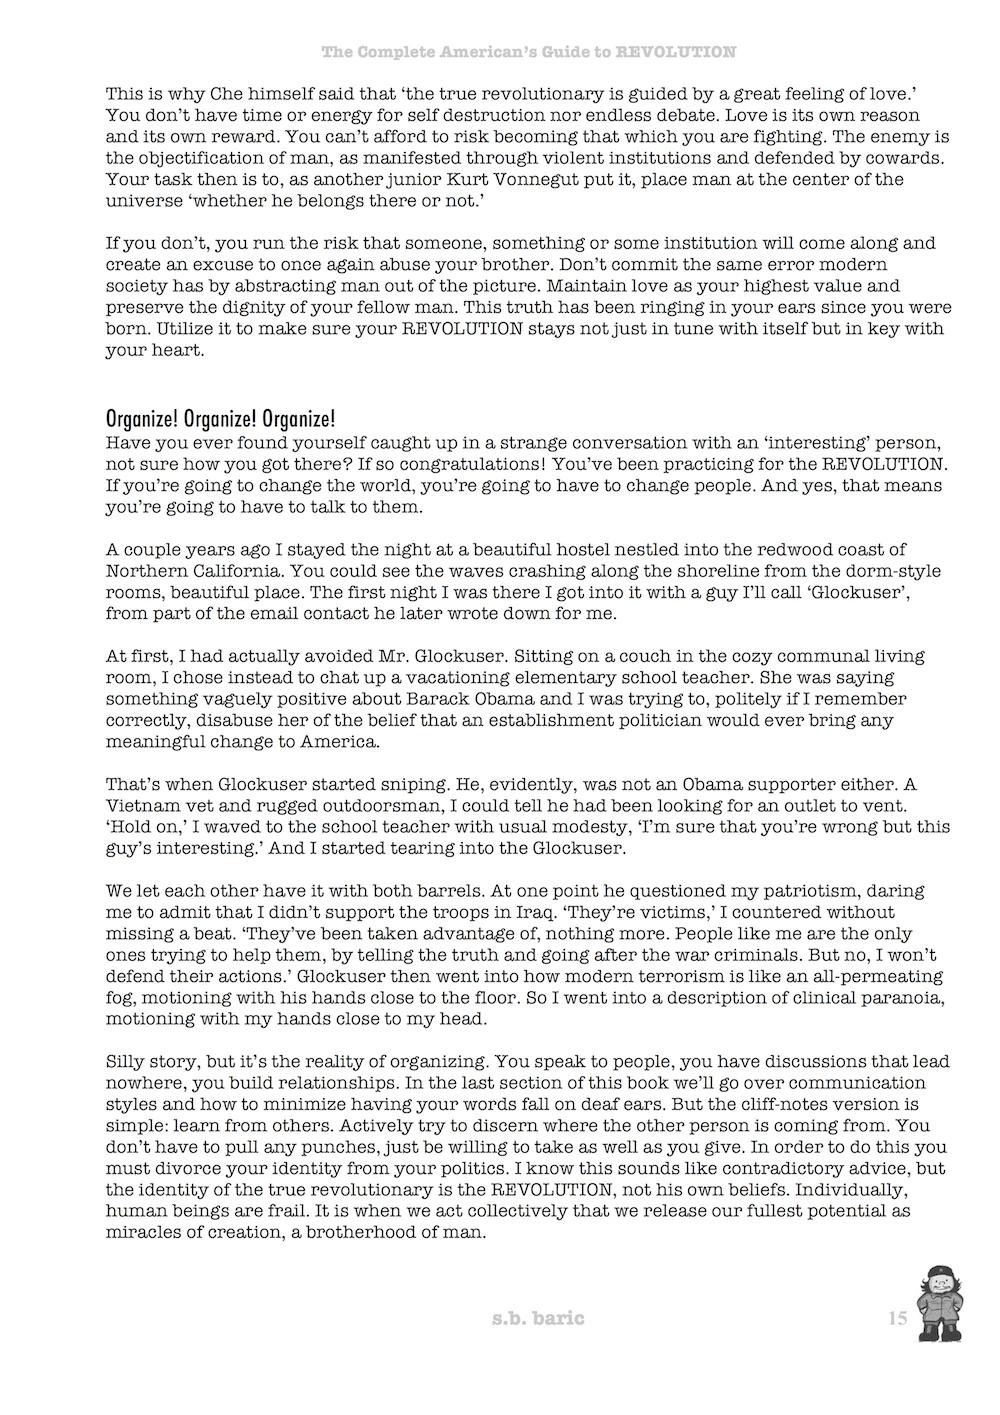 CAGR Ch 1 pg 16